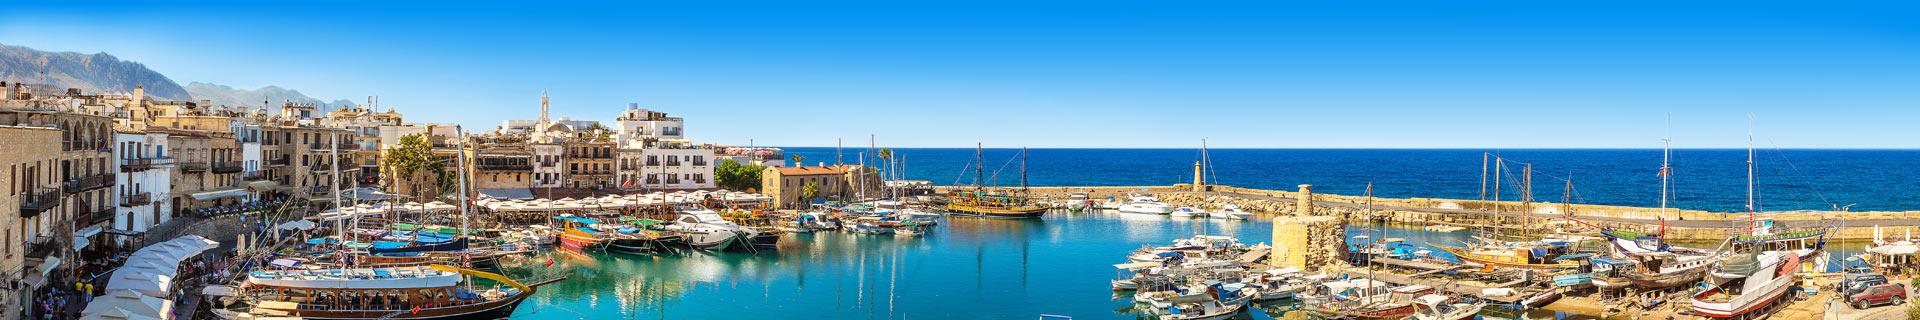 Kan ik op vakantie naar Cyprus?